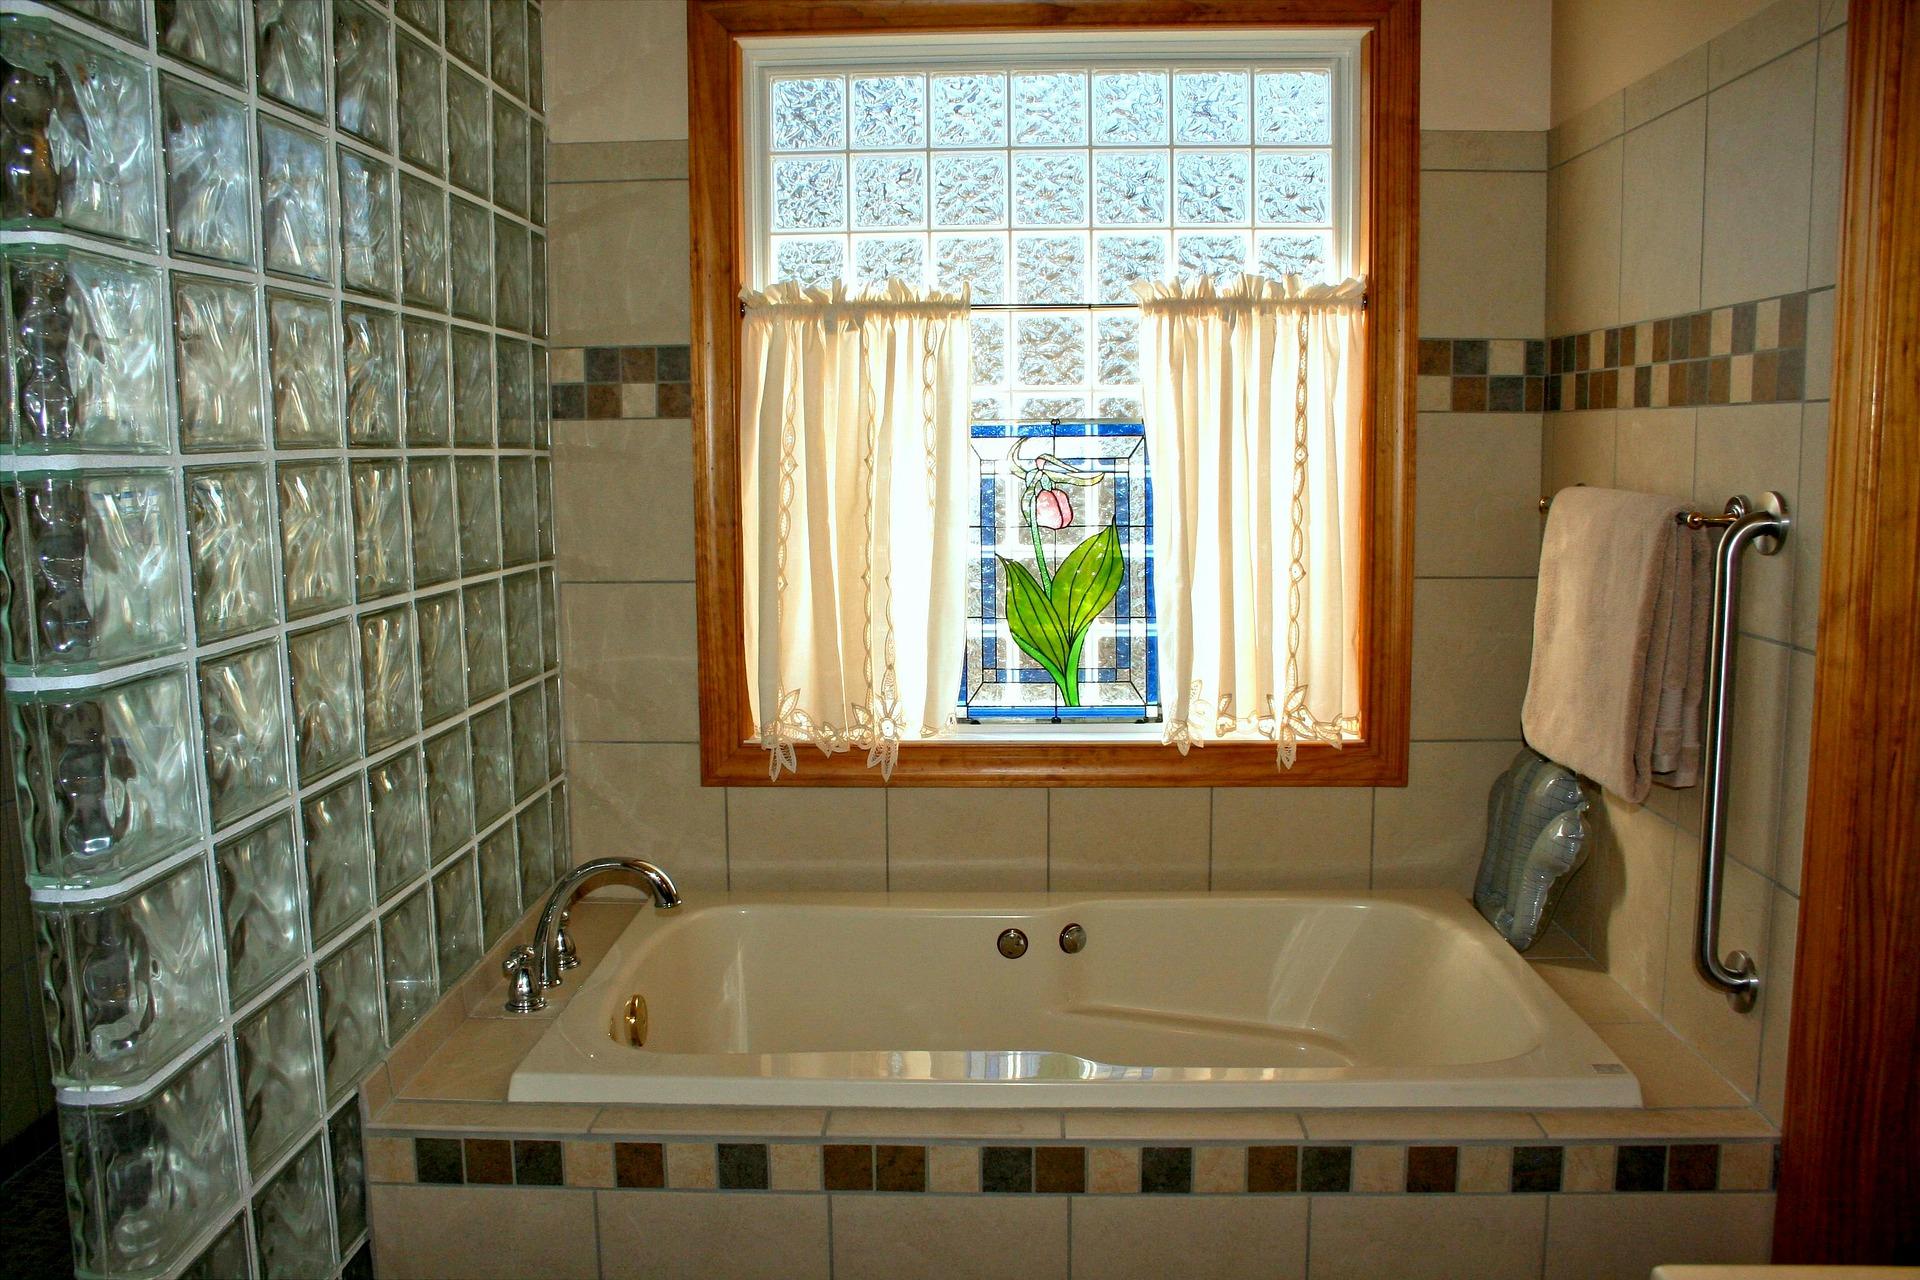 bad en suite vor und nachteile der offenen badezimmerl sung. Black Bedroom Furniture Sets. Home Design Ideas